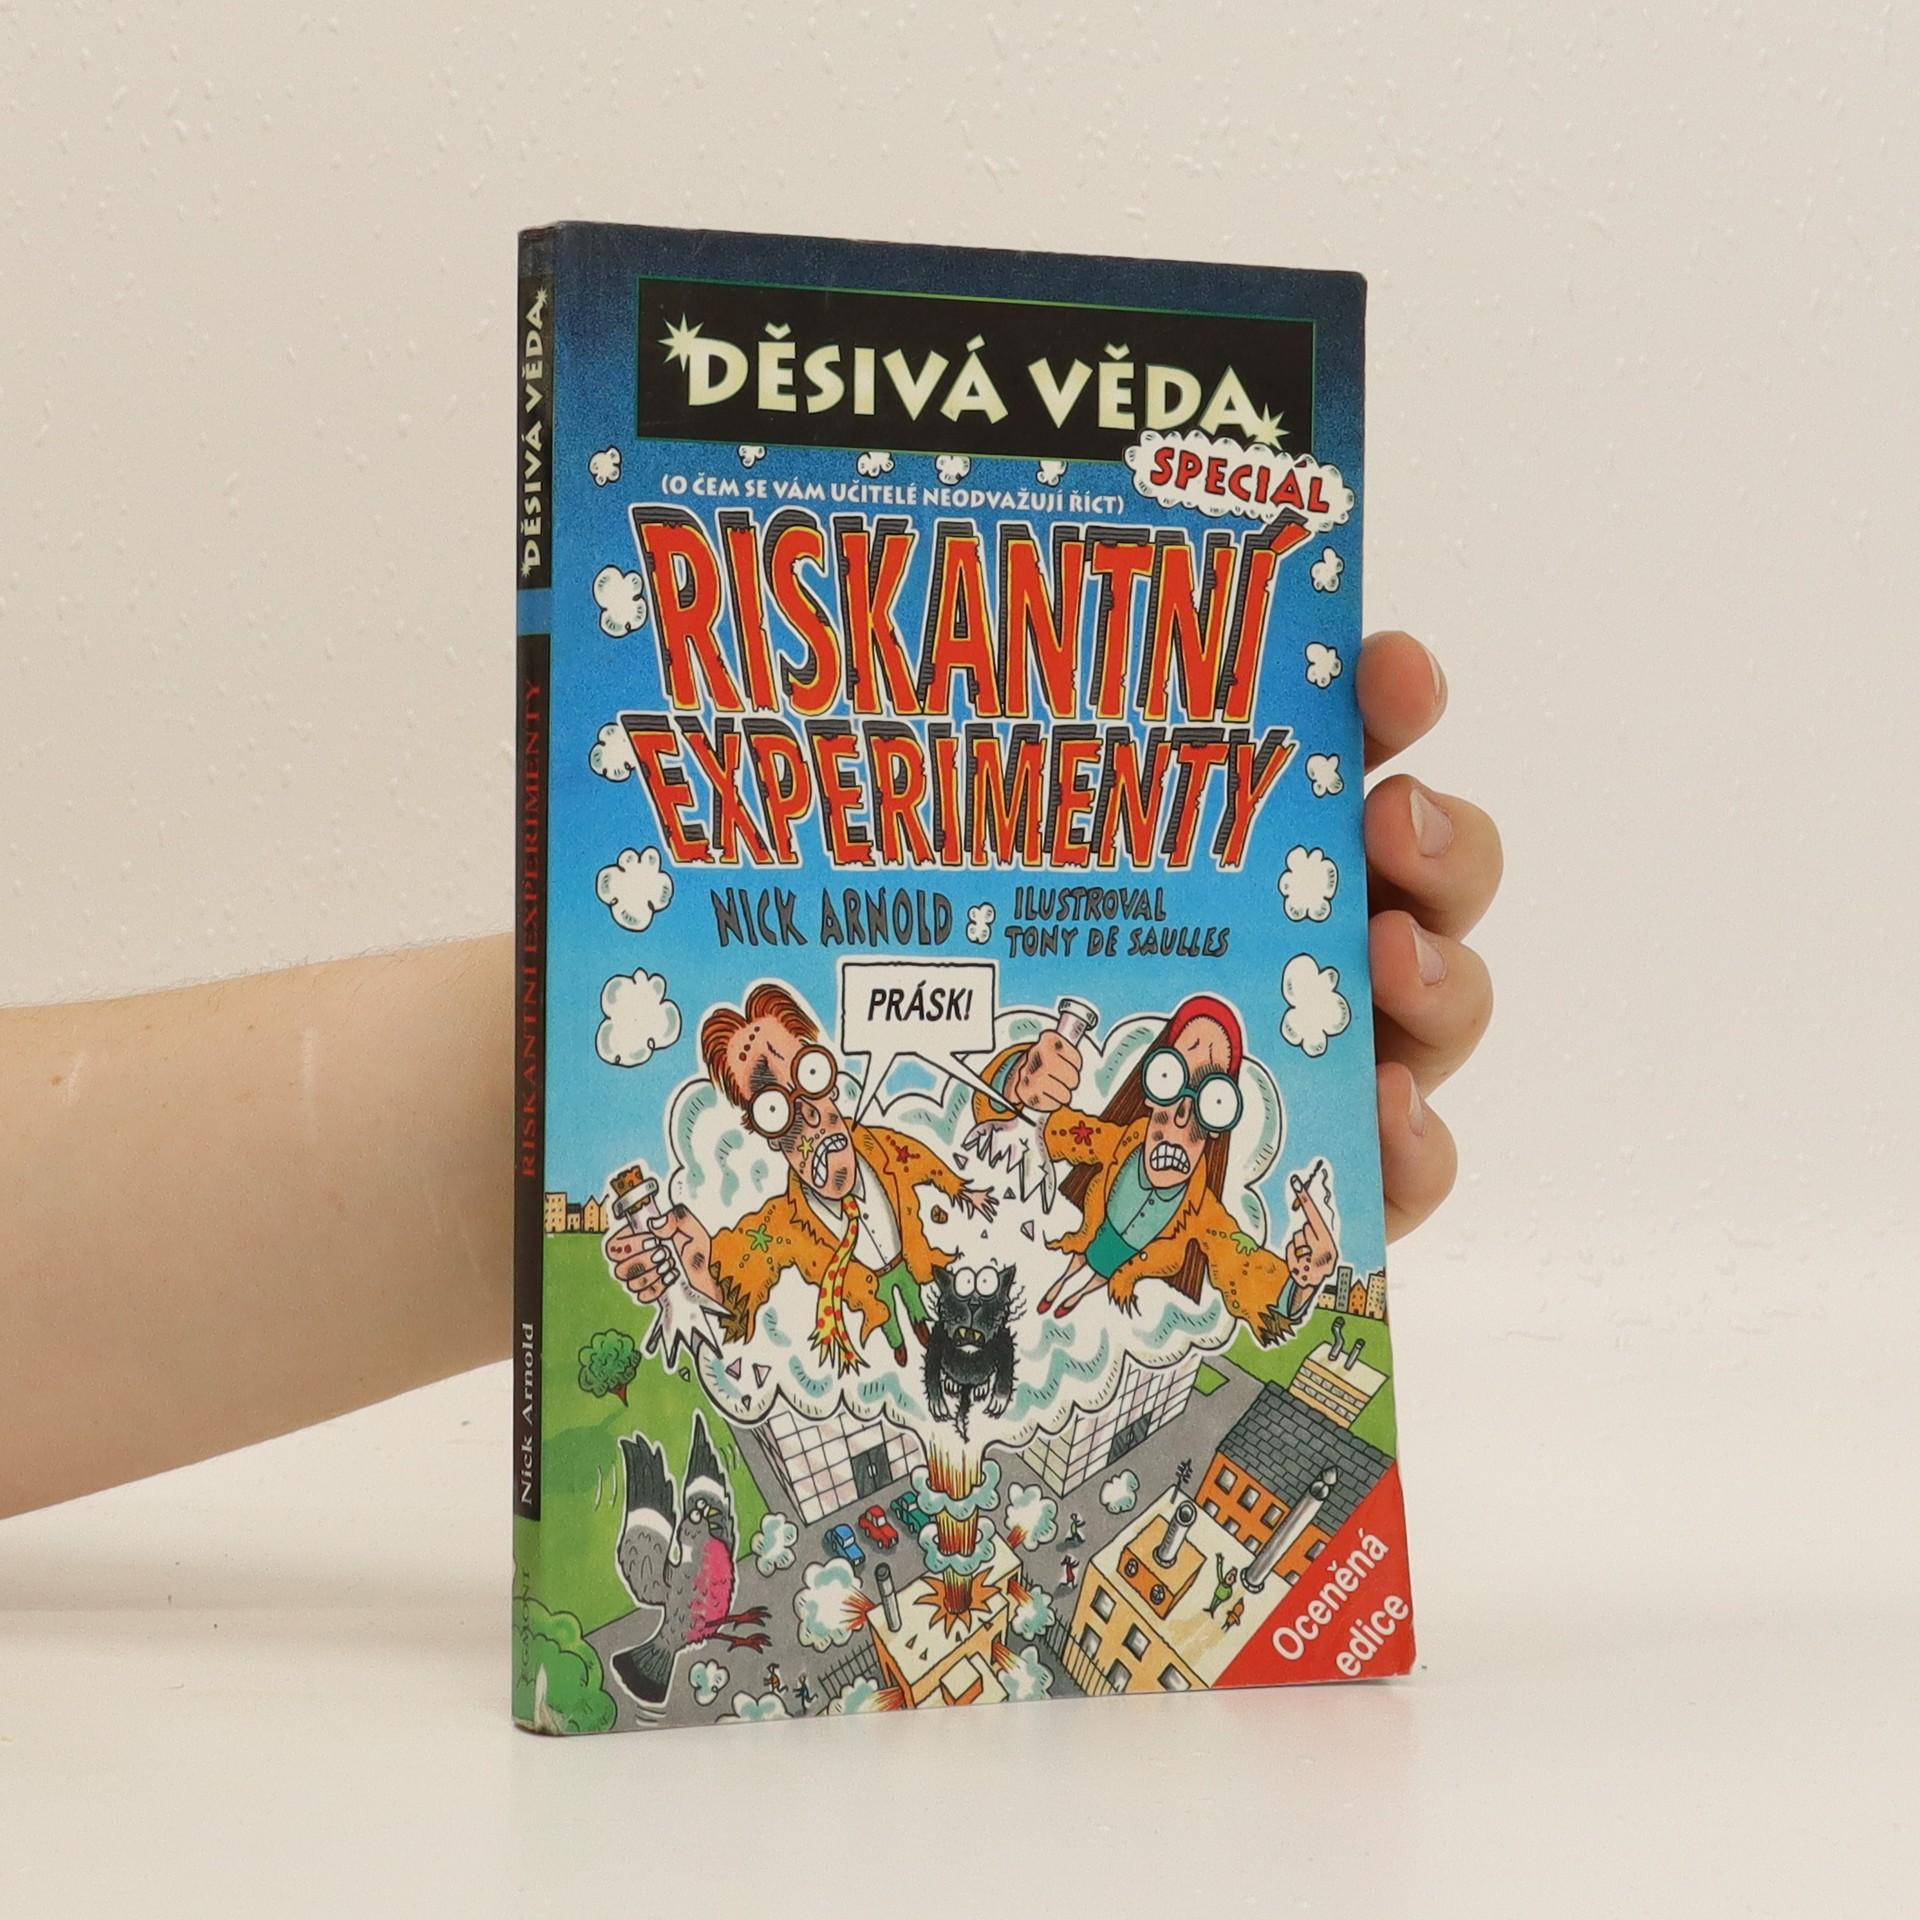 antikvární kniha Riskantní experimenty, neuveden